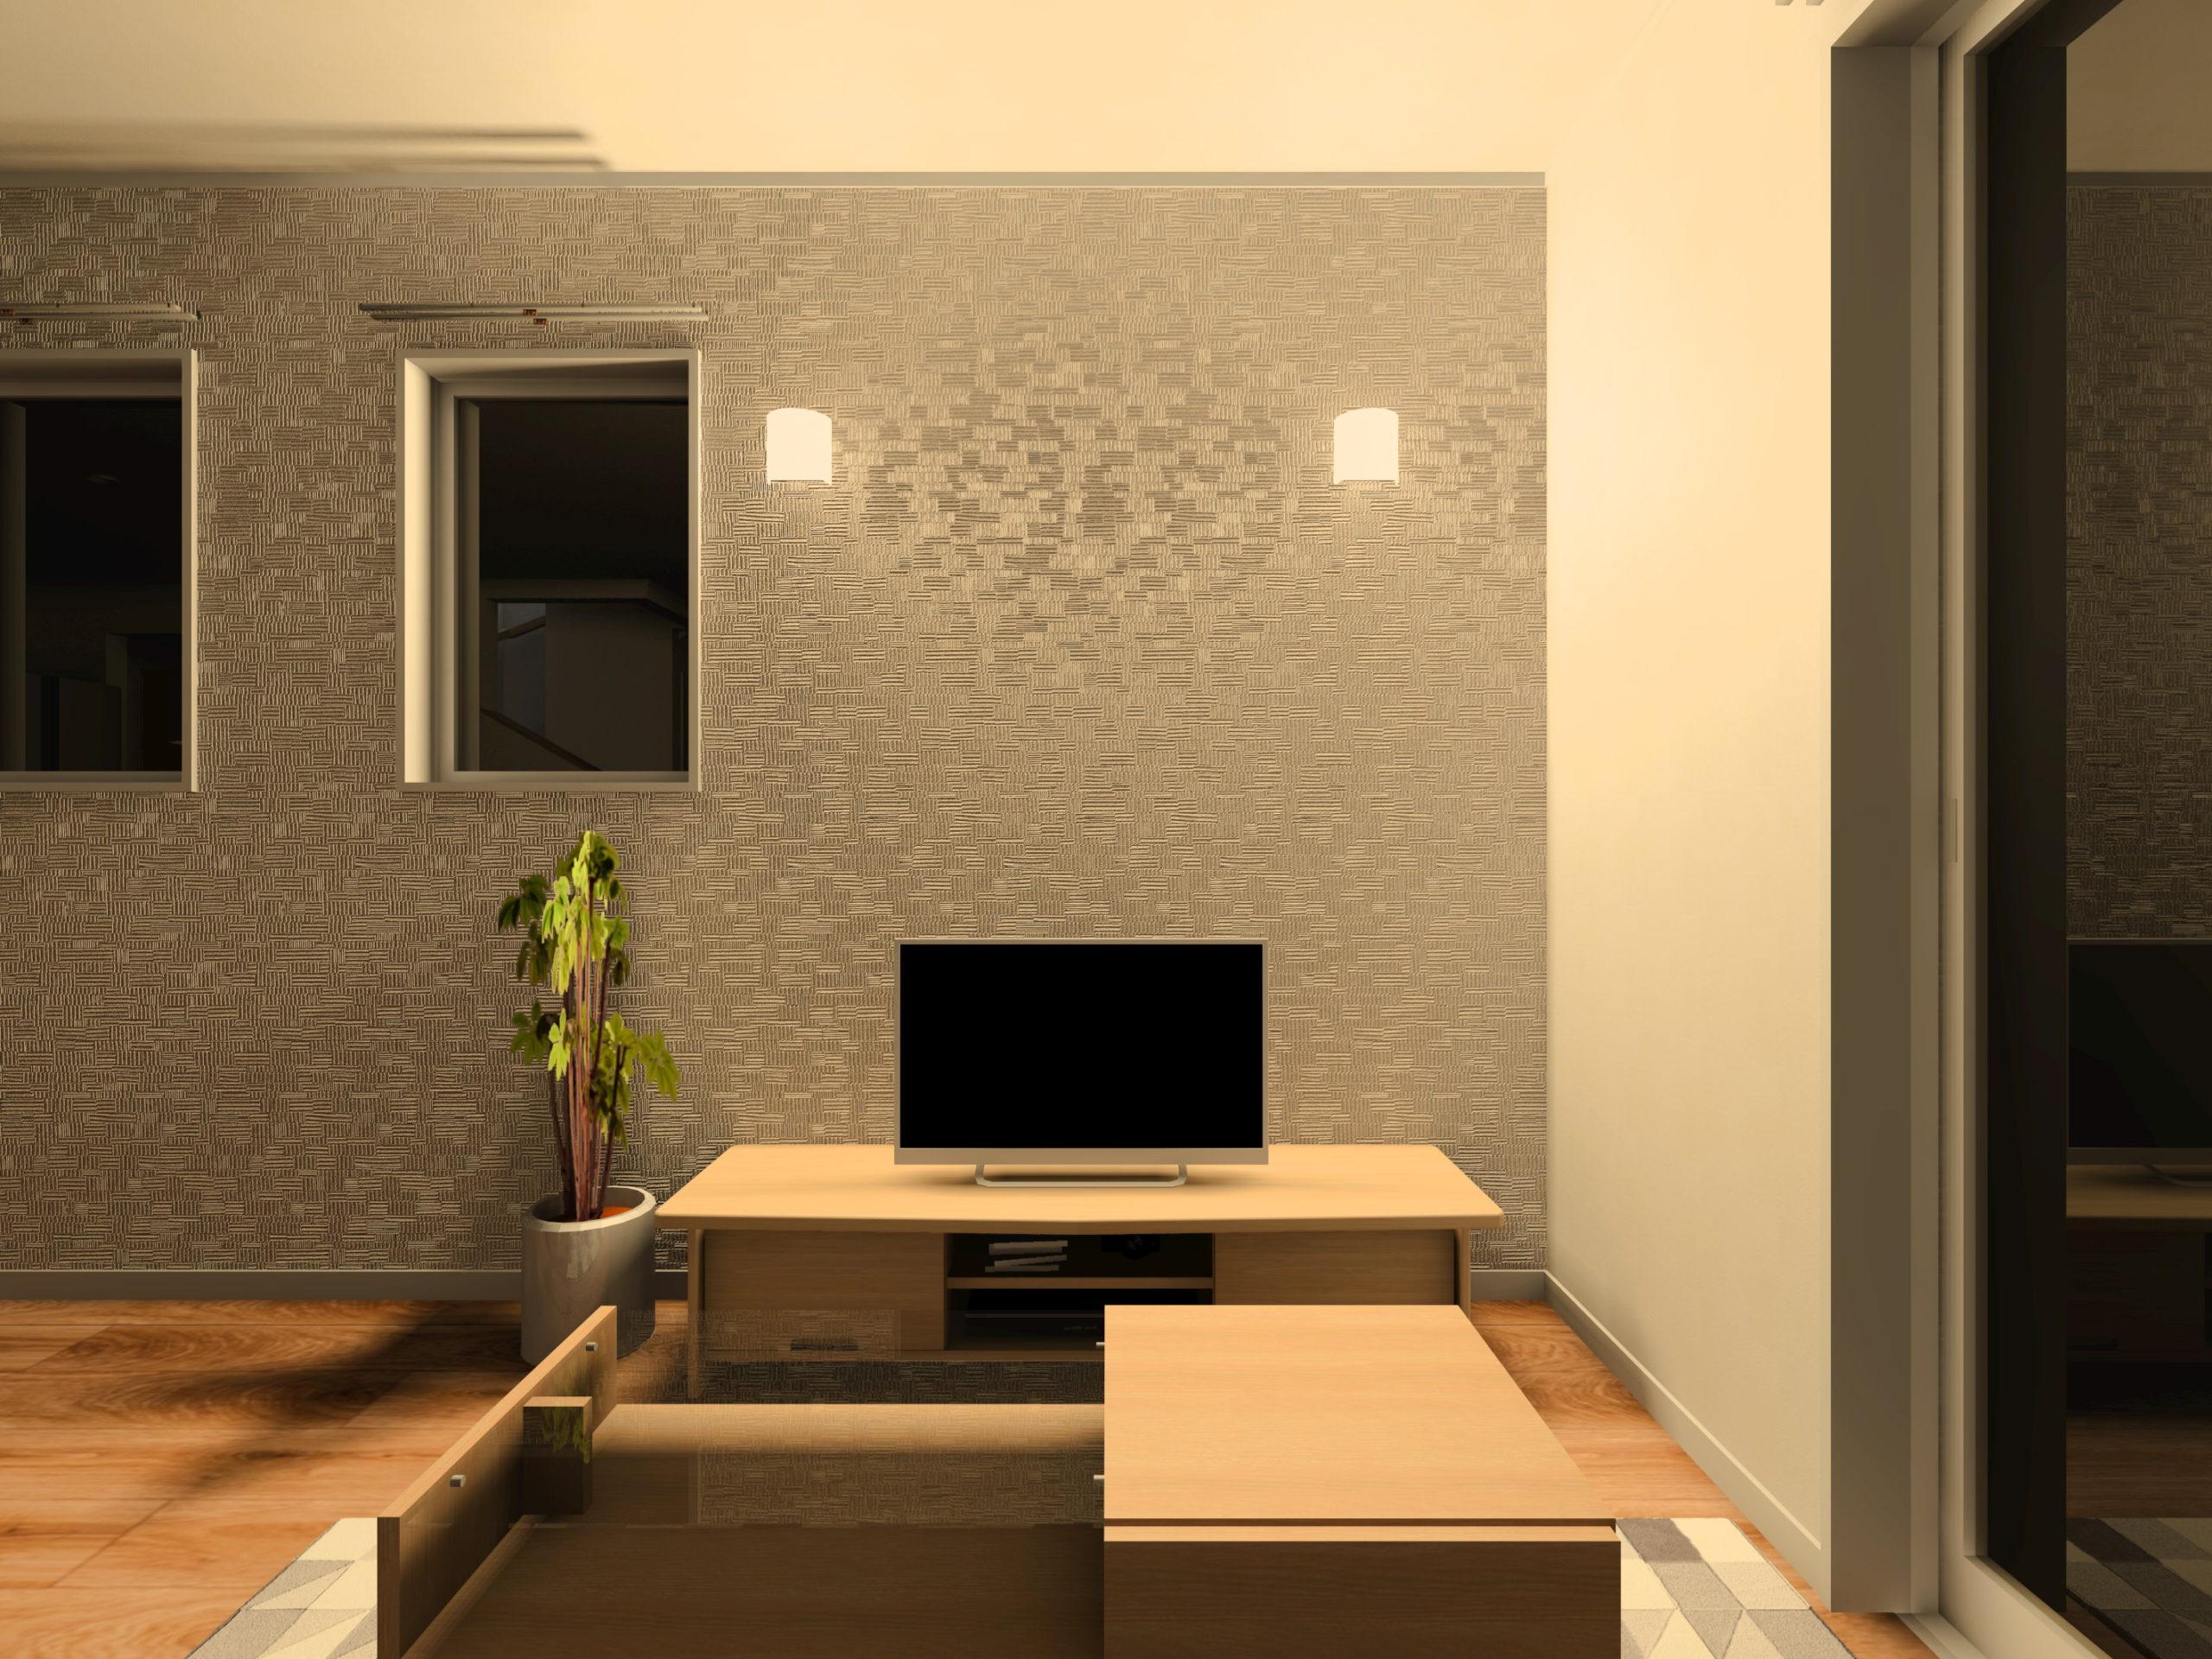 ブログ 建売住宅の内観イメージを公開!